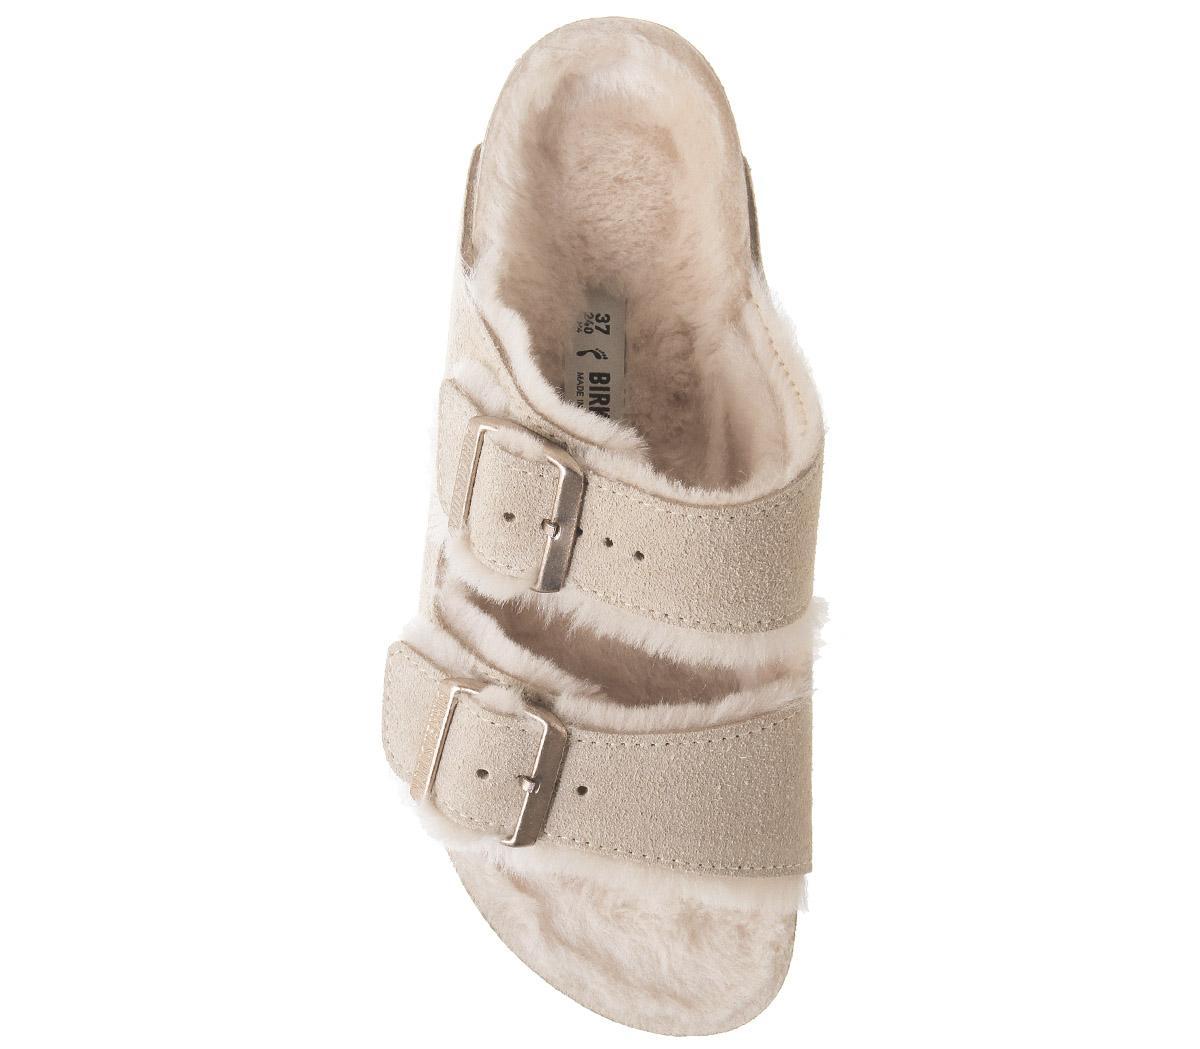 Birkenstock Arizona Shearling Sandals In Nude | ModeSens